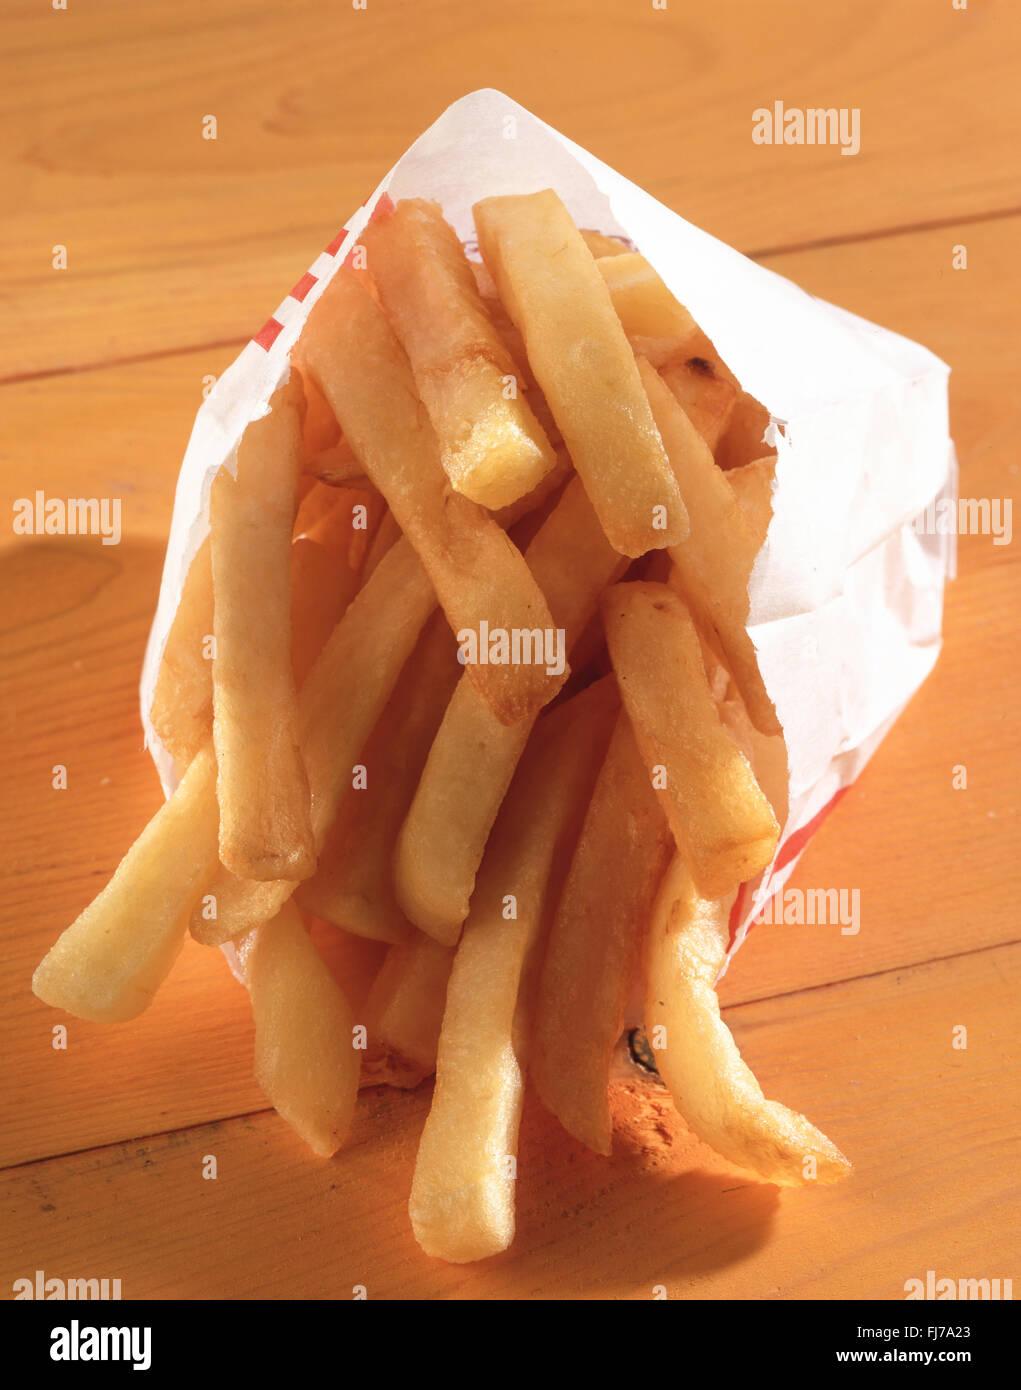 Kleines Päckchen Pommes frites aus Kentucy Fried Chicken, Ashford, Surrey, England, Vereinigtes Königreich Stockbild